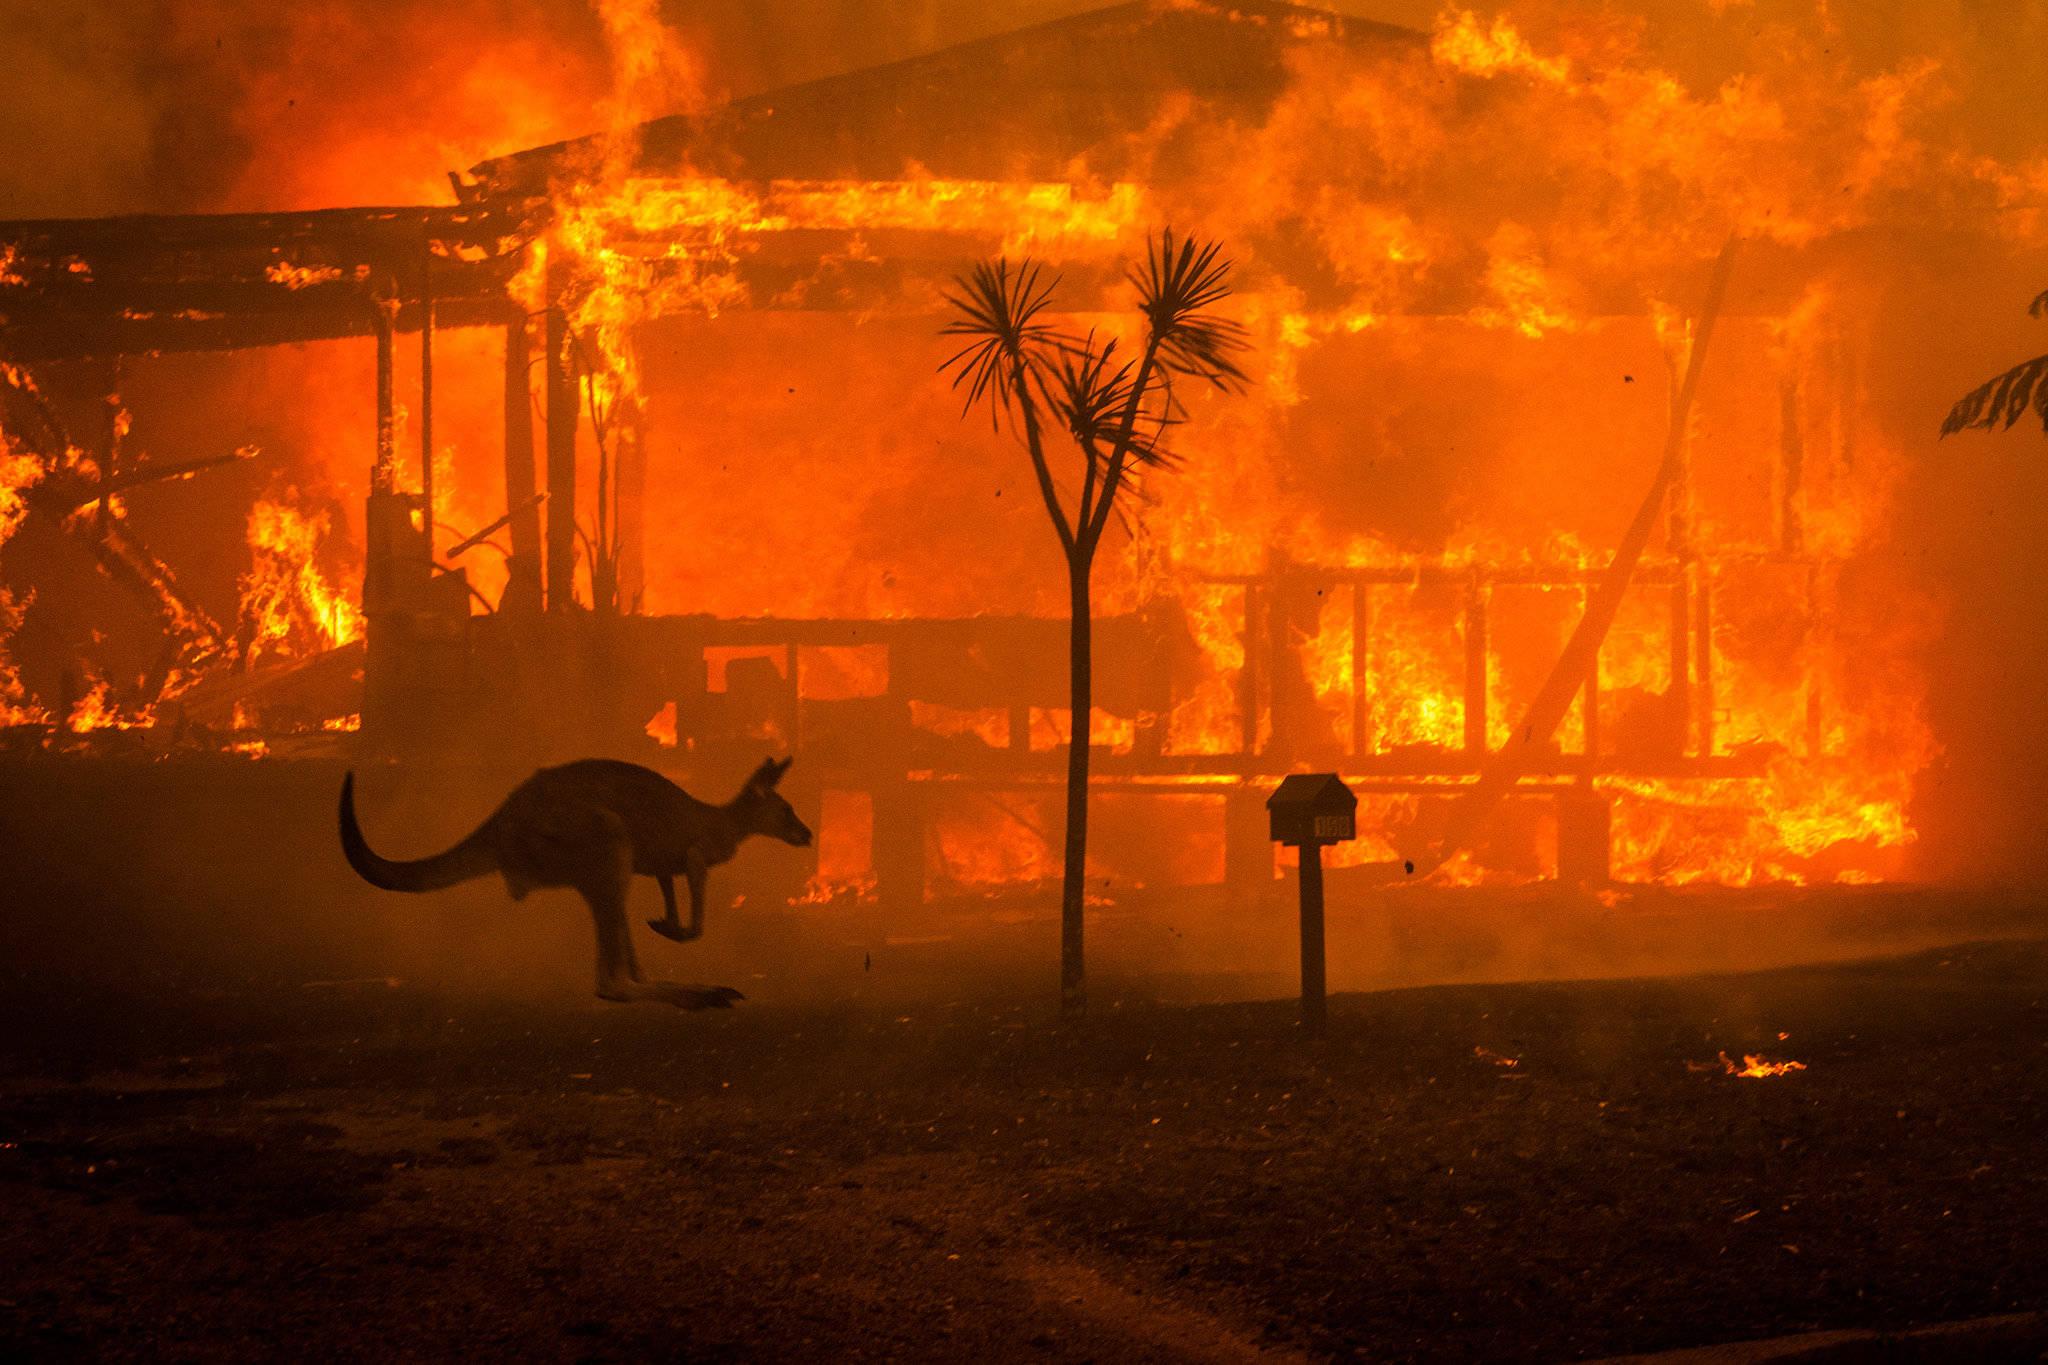 世界自然基金会:澳大利亚山火致30亿动物丧生或失去栖息地